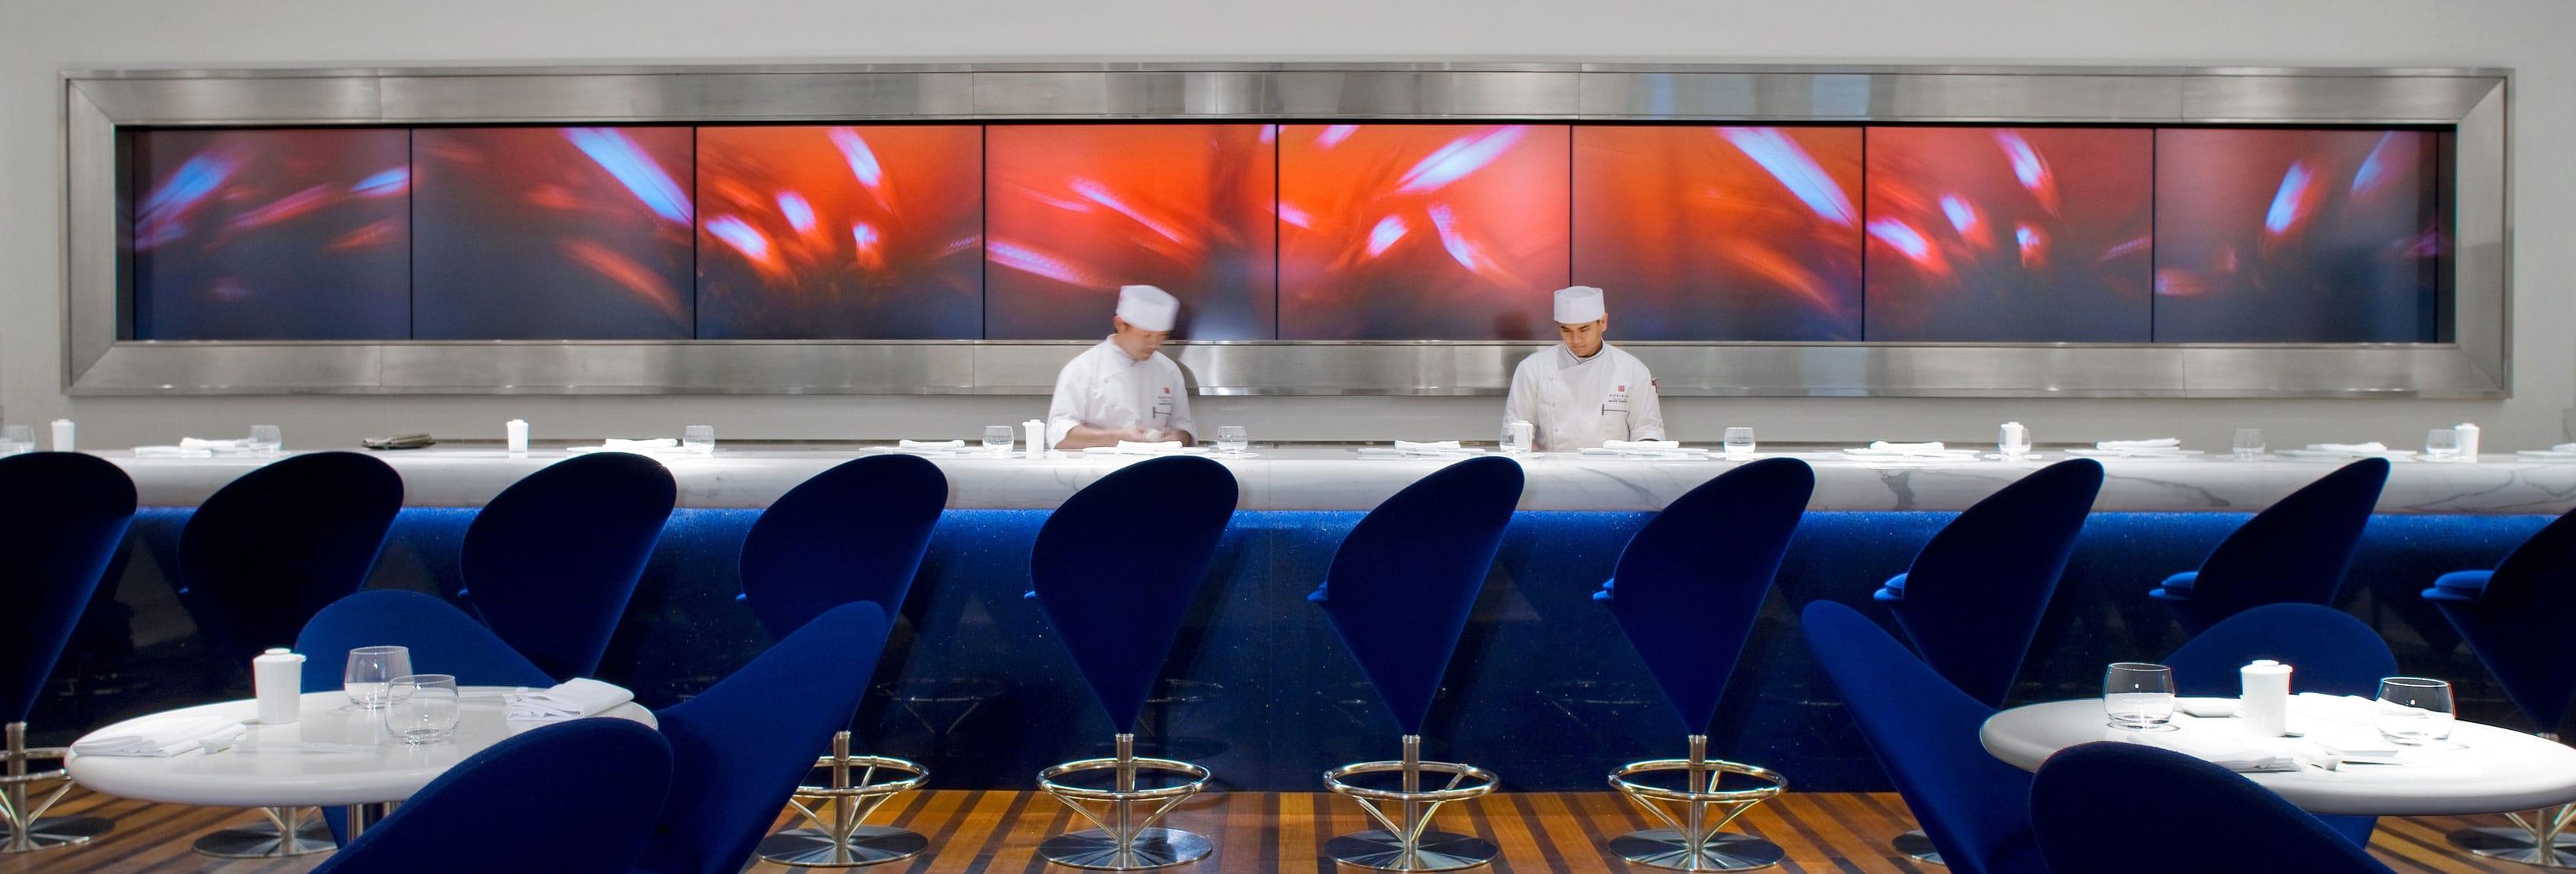 Morimoto Sushi Bar Boca Raton Masaharu Morimoto